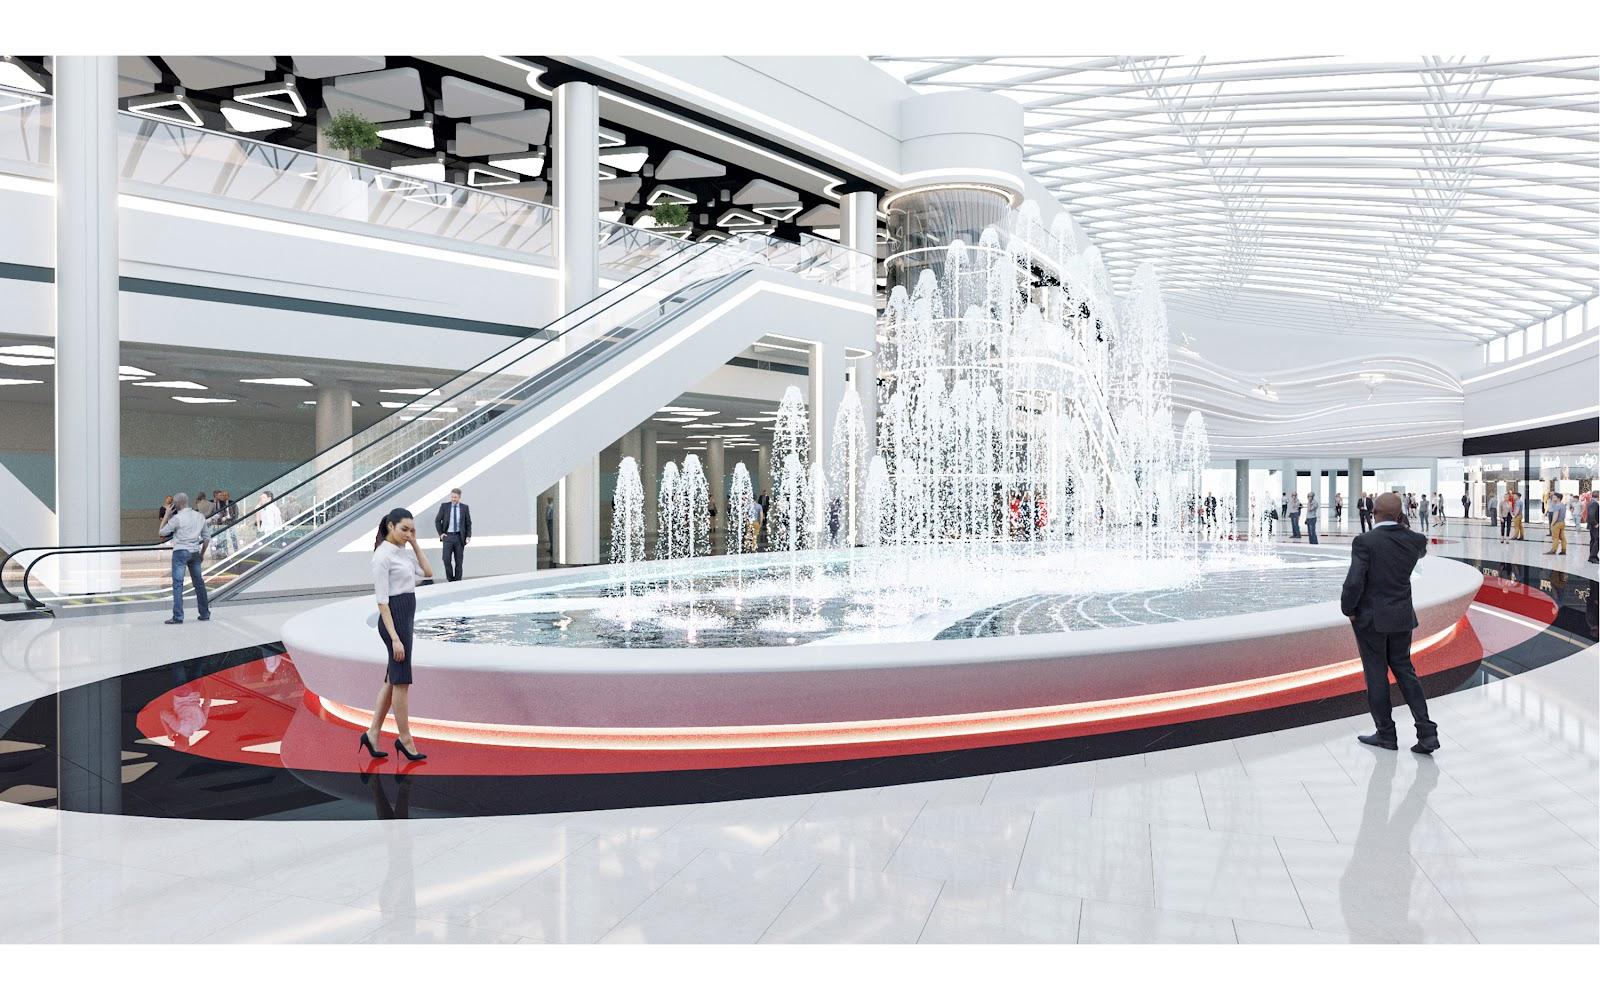 Реализация фонтана в Lavina Mall.jpg